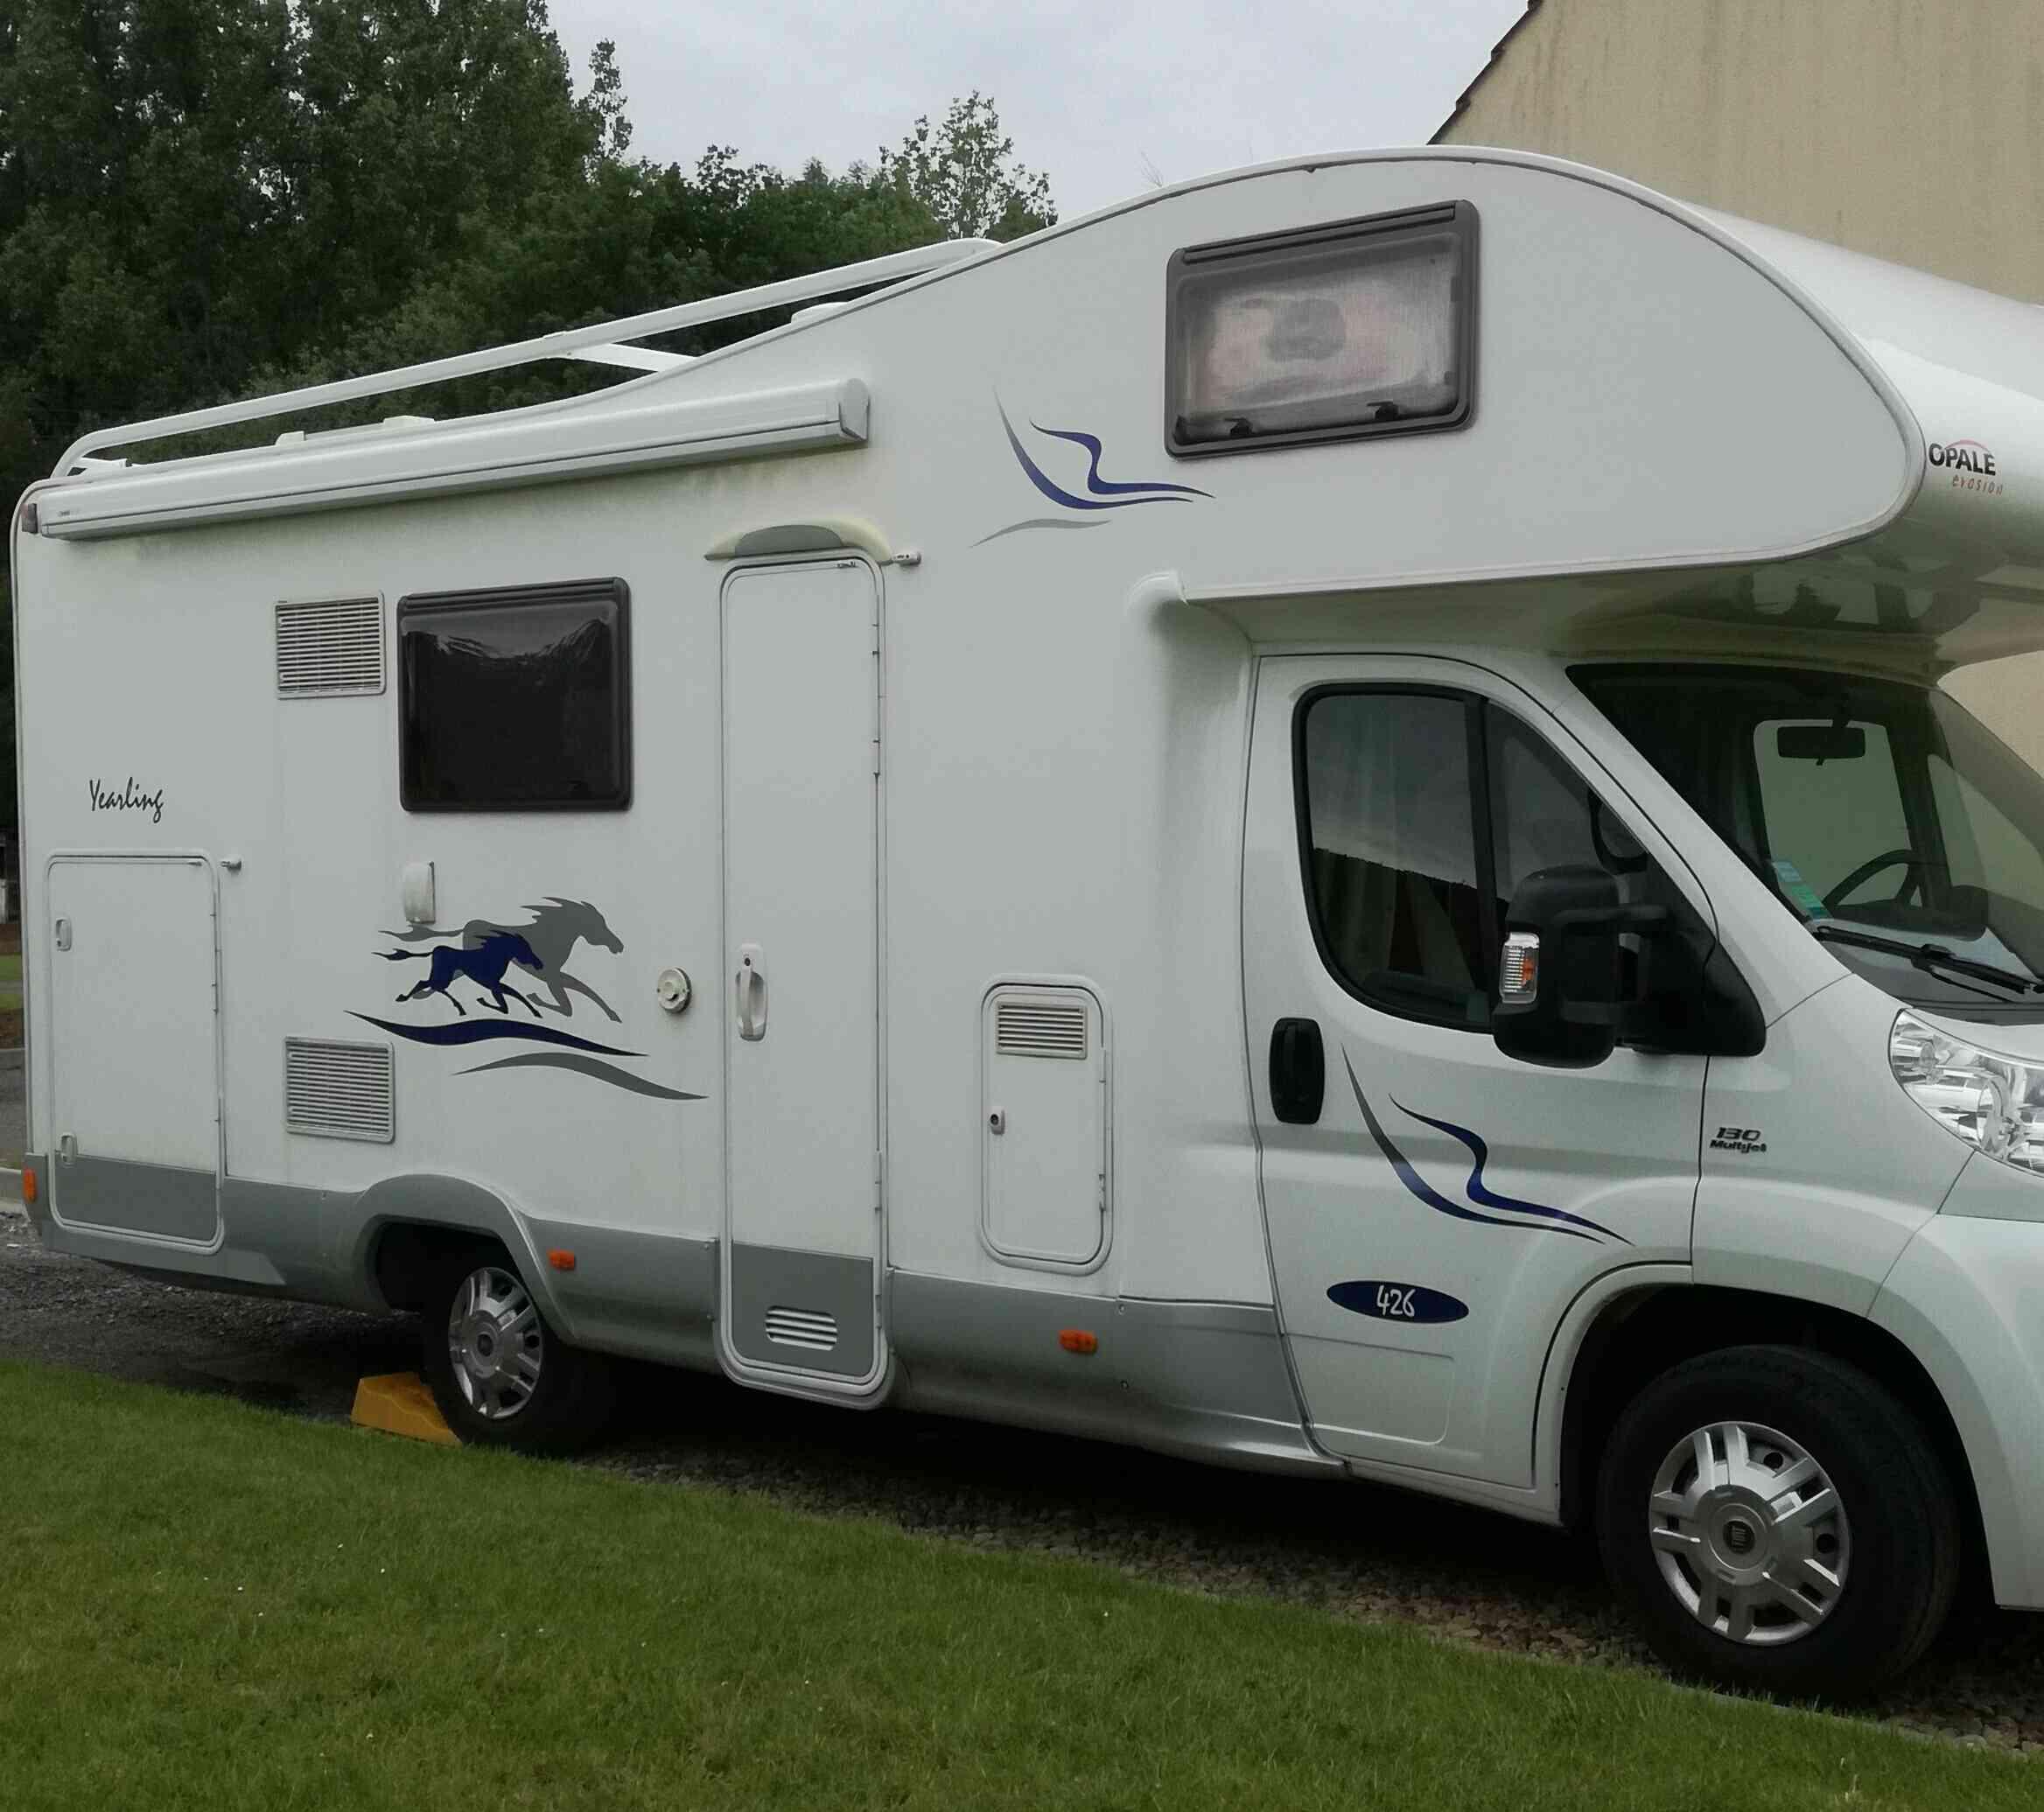 camping-car MC LOUIS  YEARLING 426  extérieur / arrière